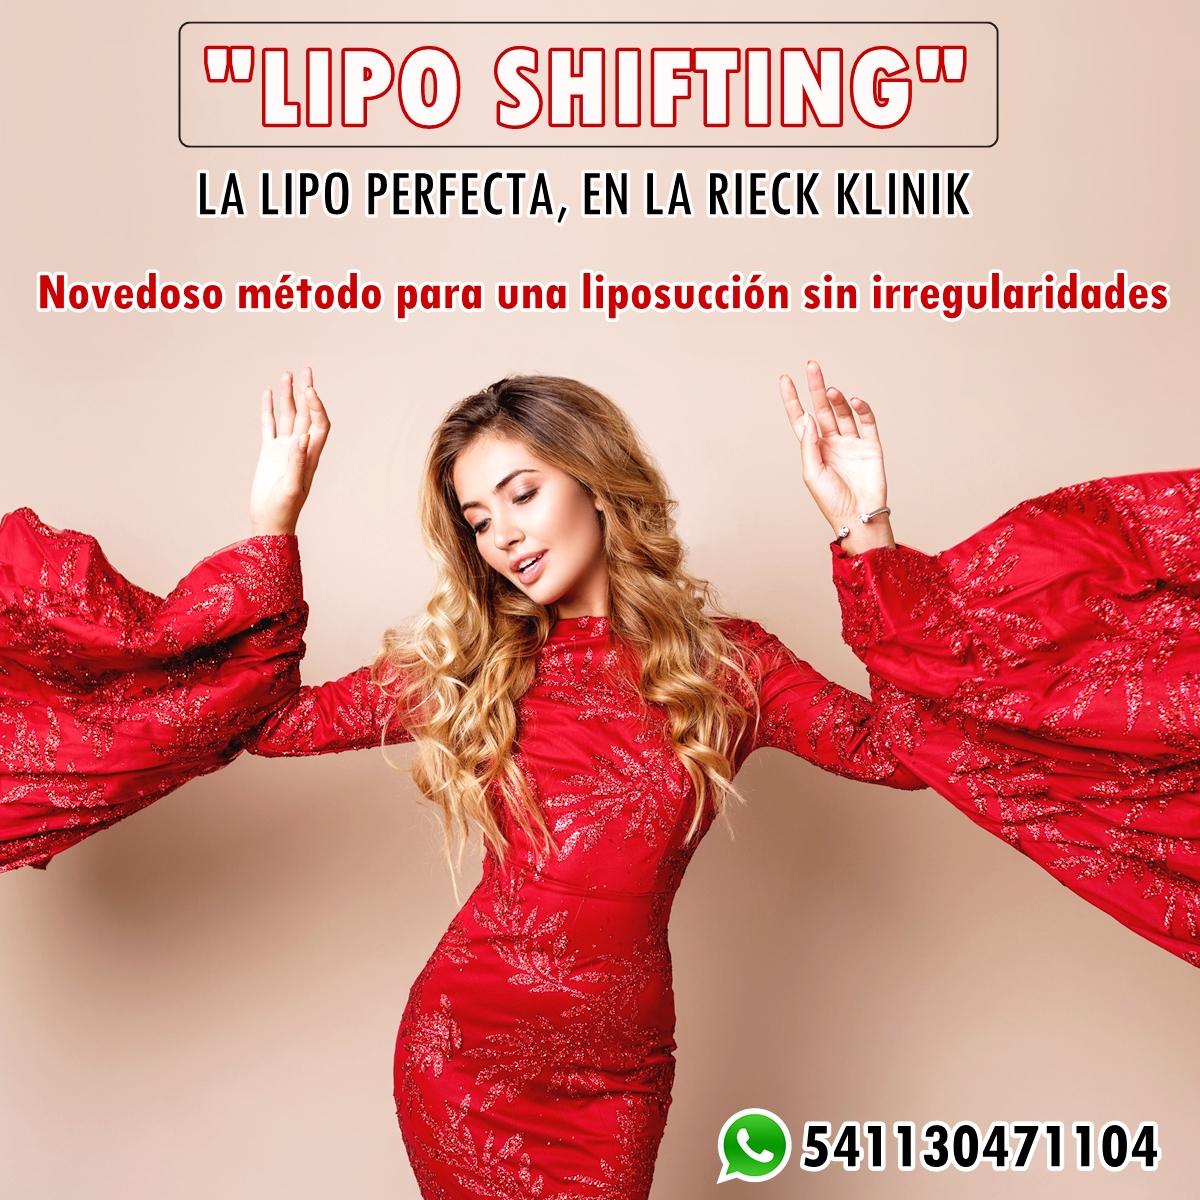 """LIPO SHIFTING, LA """"LIPO"""" PERFECTA Disponible en RIECK KLINIK. Novedoso método para una liposucción SIN IRREGULARIDADES y para corregir defectos dejados por las cánulas de liposucción.  Dirige la Dra. Ana Rieck MN88962 MP332114 Consultas x whtspp 541130471104 #Lipoescultura #Lipo https://t.co/7ckj9ZAM1Z"""